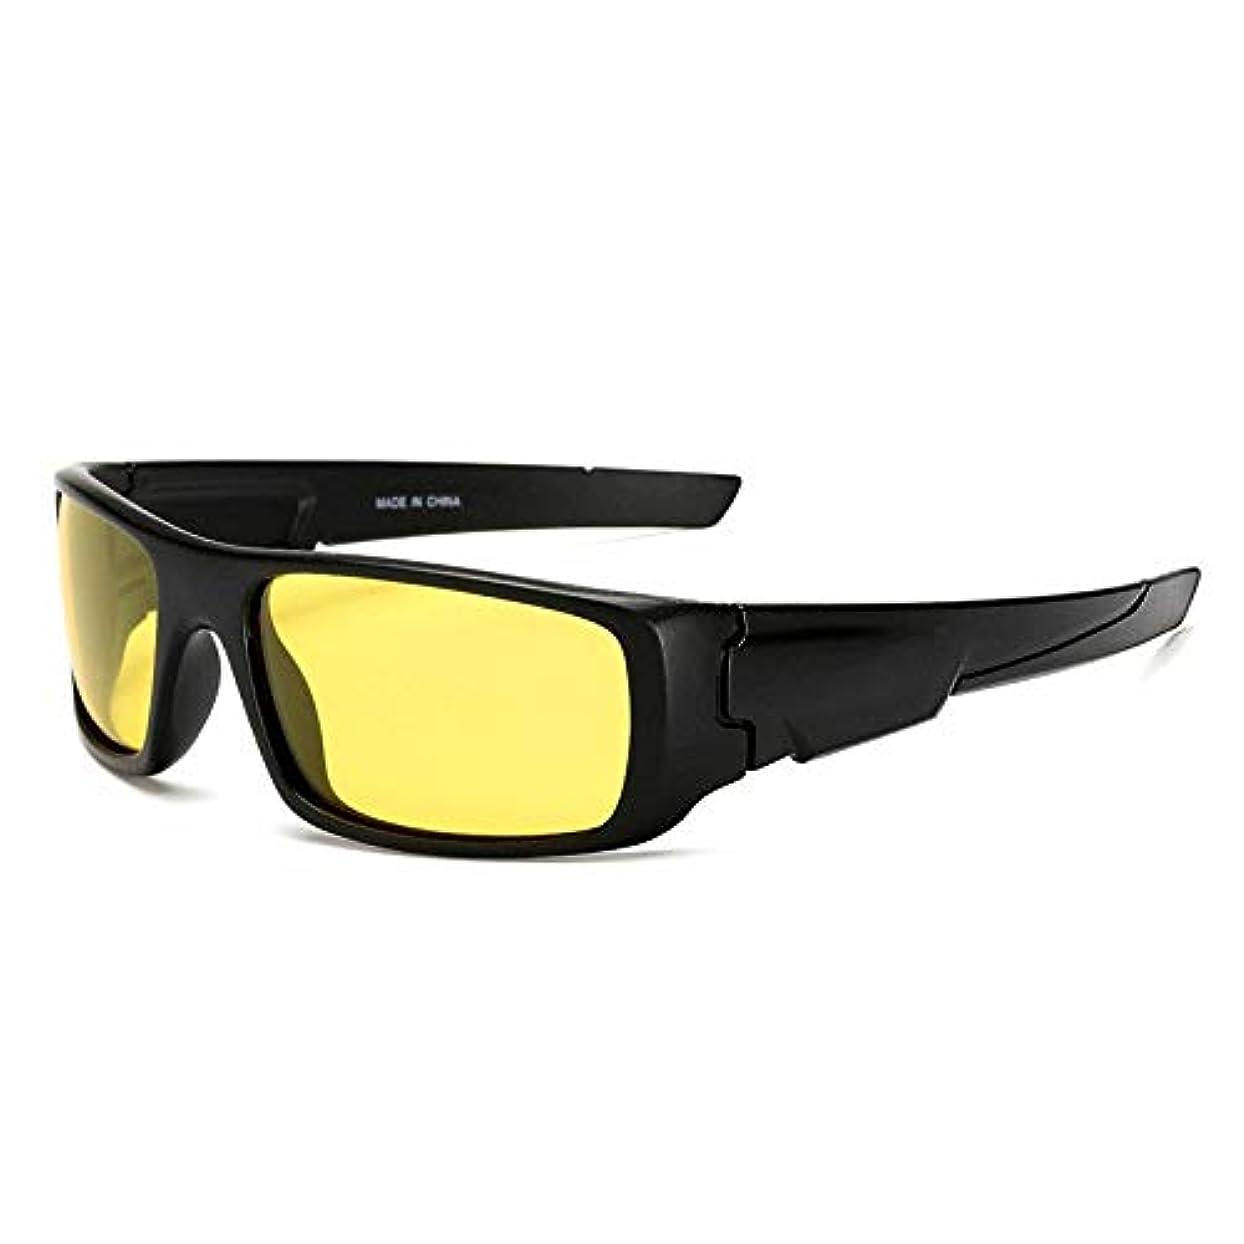 柔らかい流行している寛大なYXJJP サングラス メンズ スポーツサングラス 男女兼用 スキー 野球 軽量 ドライブ UV400 メガネ ファッション (Color : B)